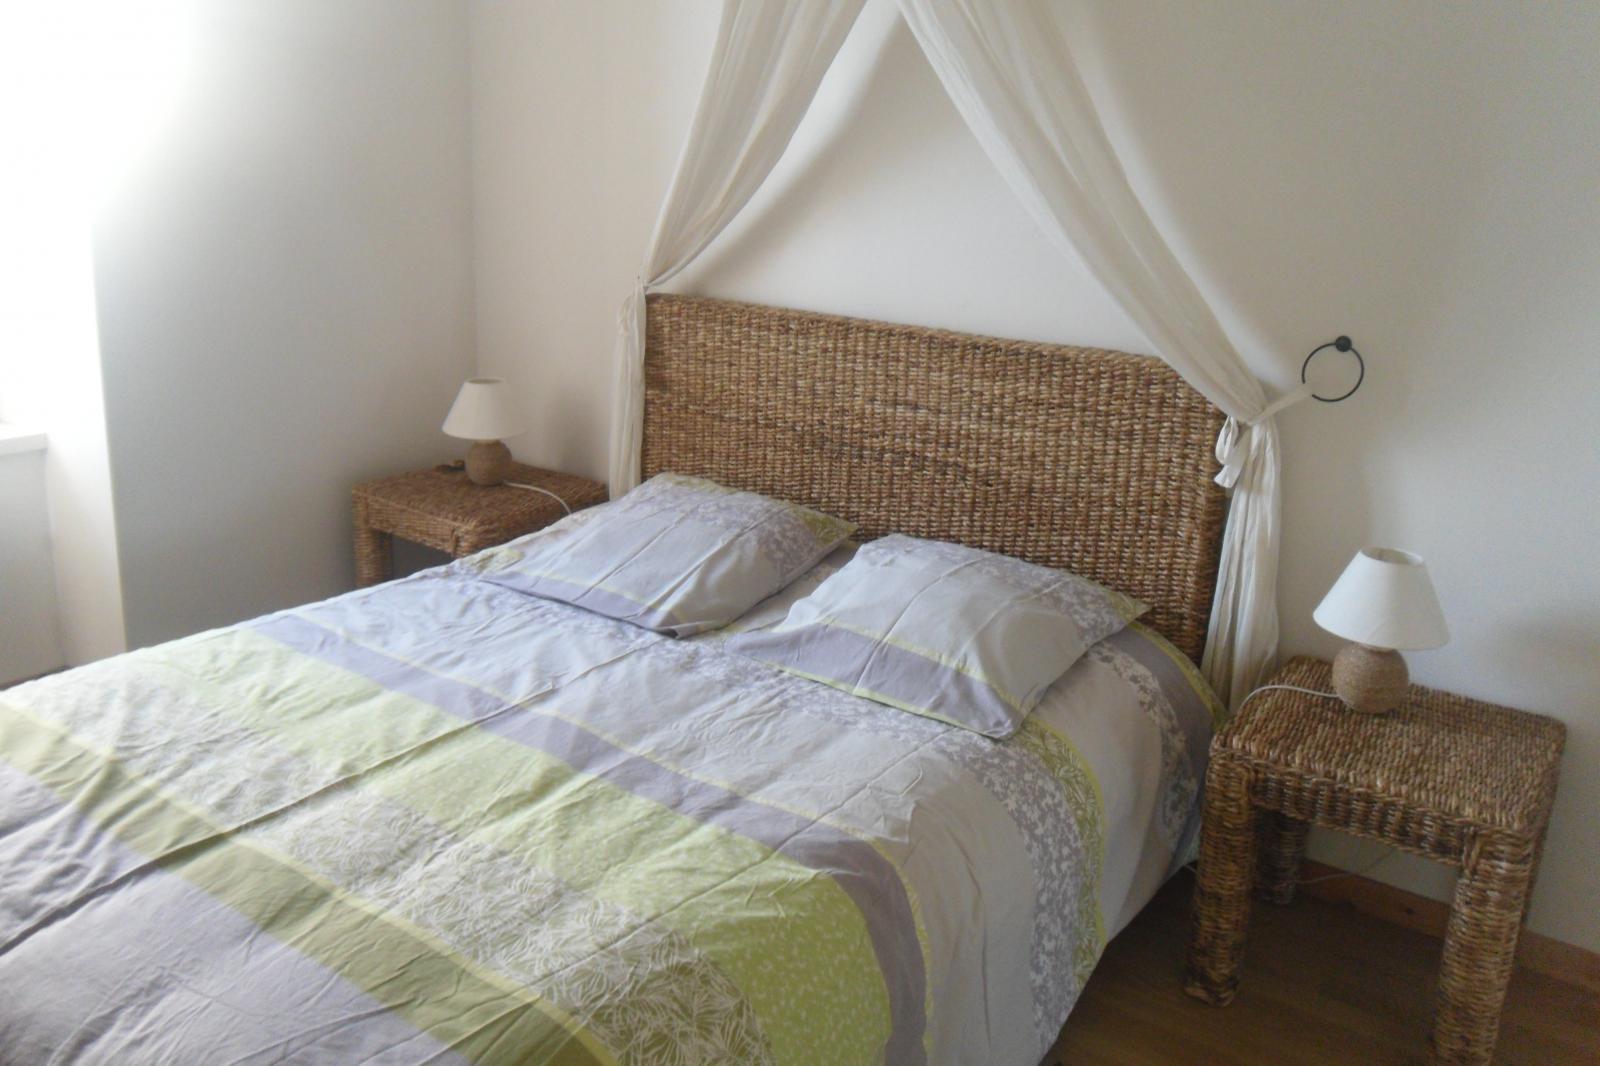 Image n°7 du gîte de mer : Chambre avec lit de 140